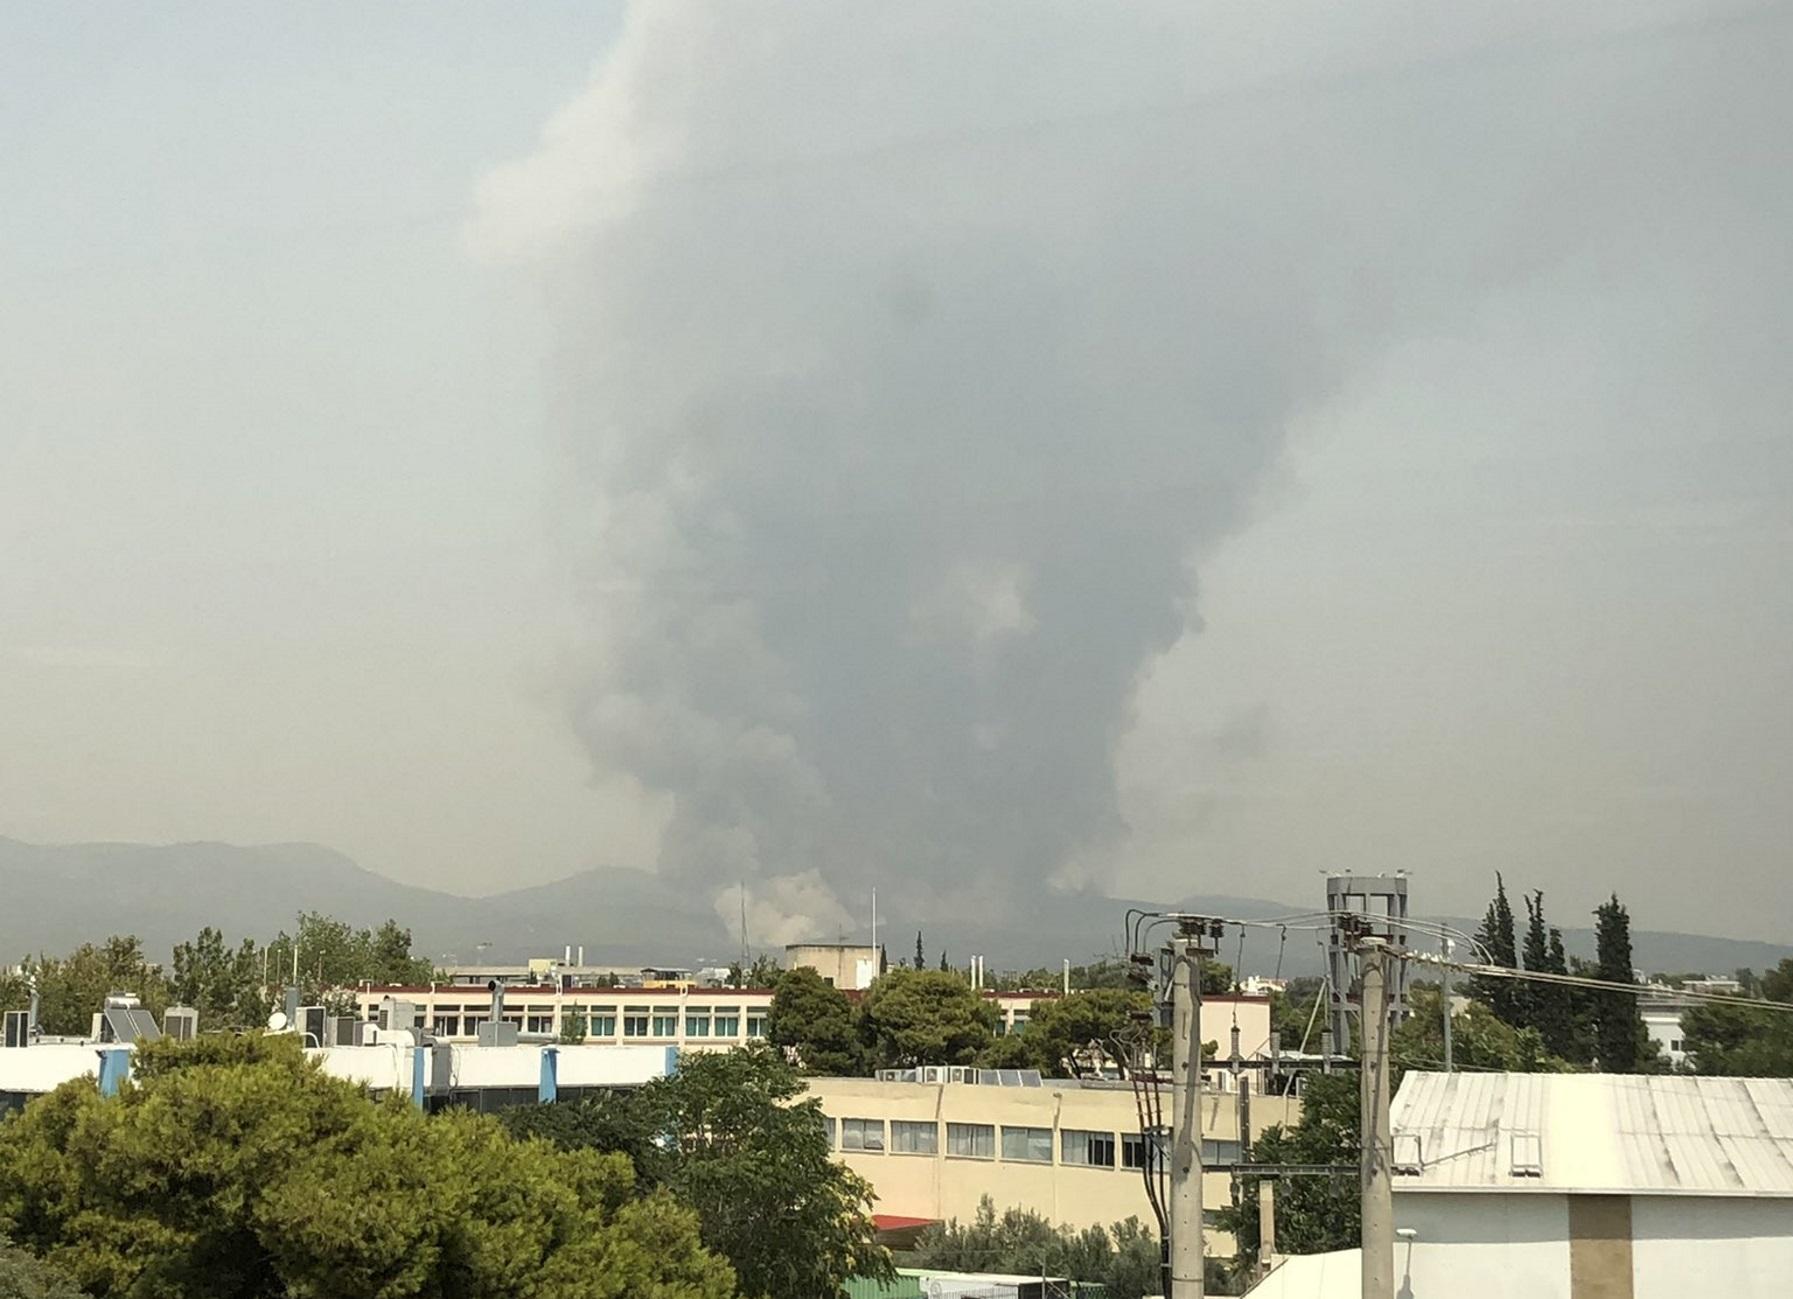 Φωτιά στη Βαρυμπόμπη: Έκτακτη εφημερία σε Σισμανόγλειο και ΚΑΤ με εντολή Κικίλια